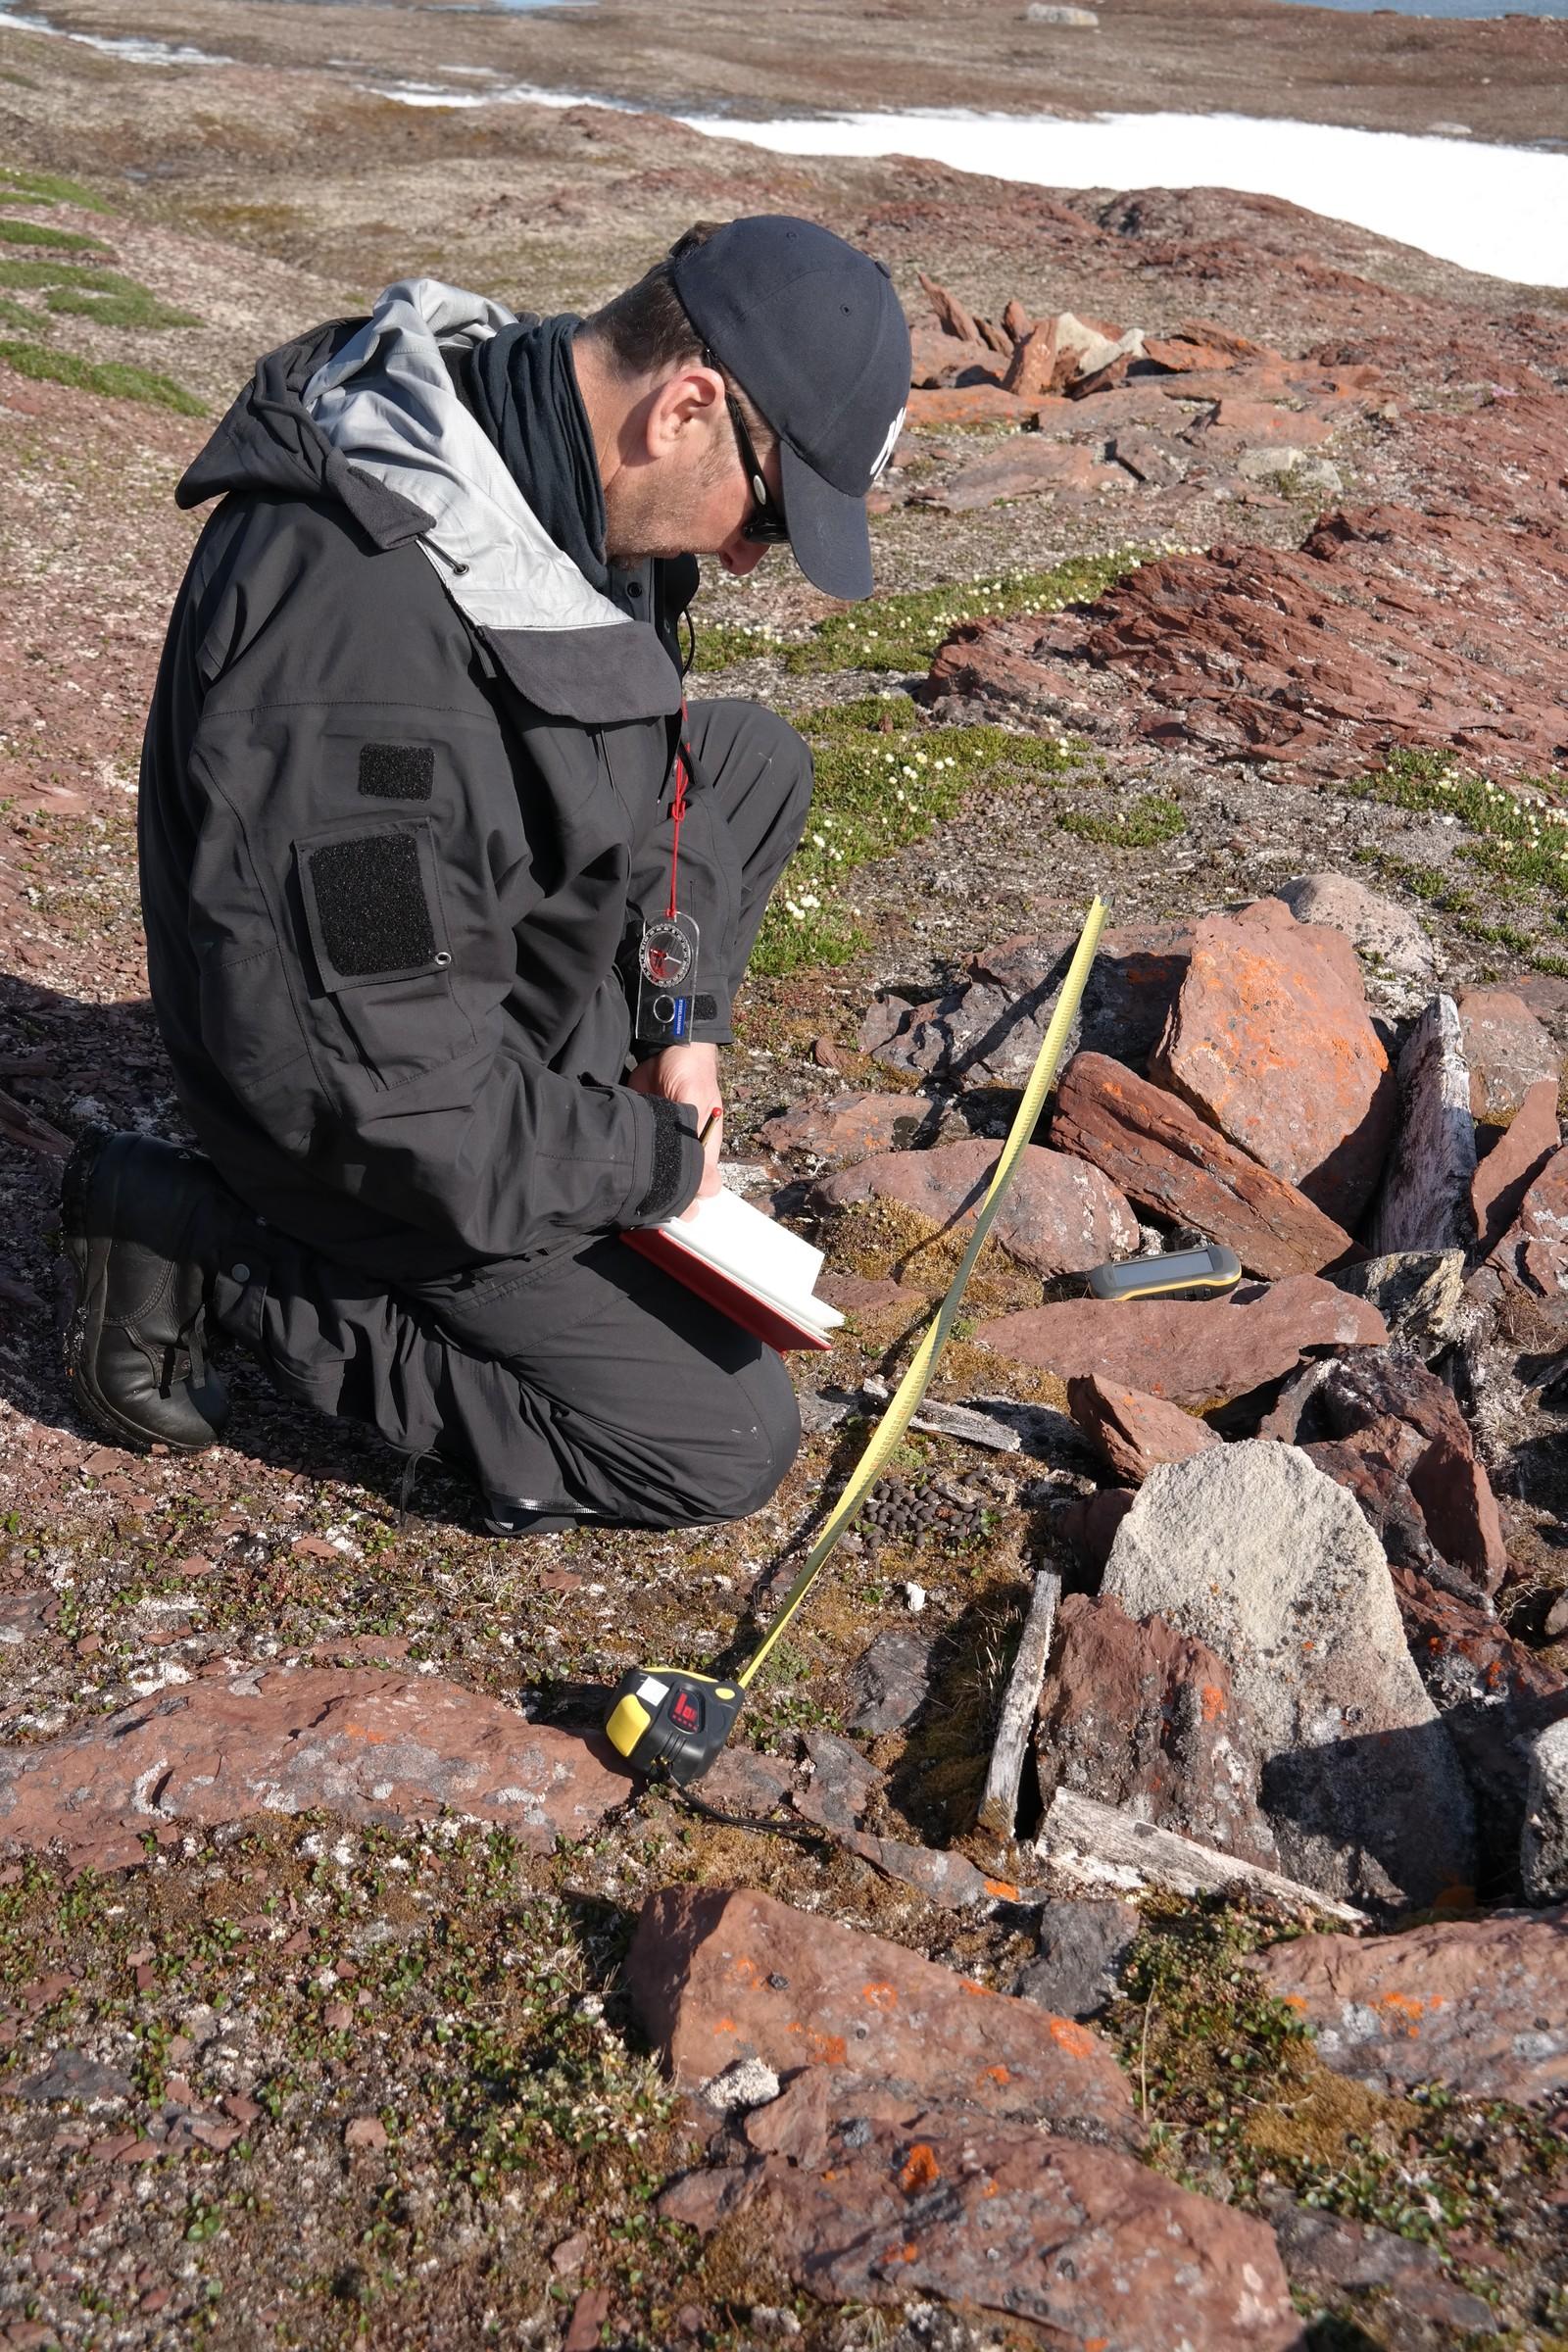 Arkeolog, Snorre Haukalid, ved Sysselmannen på Svalbard registrerer og måler opp en grav ved Reinsdyrflya.